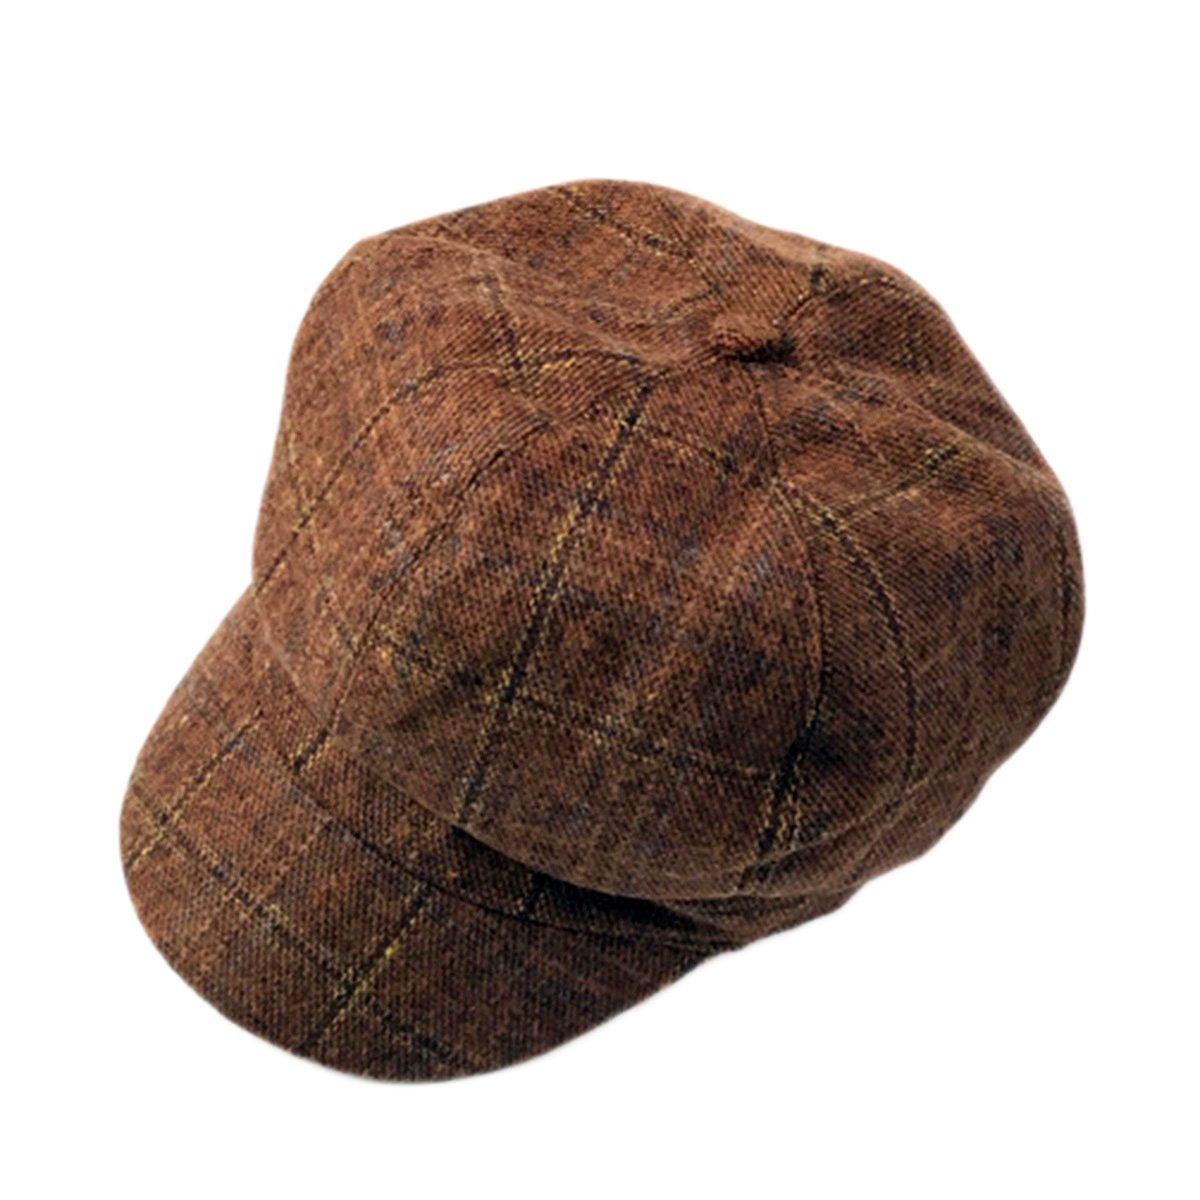 ZLSLZ Womens Retro Woolen Tweed Plaid Ivy British Newsboy Cabbie Gatsby Beret Painter Hat Cap Coffee